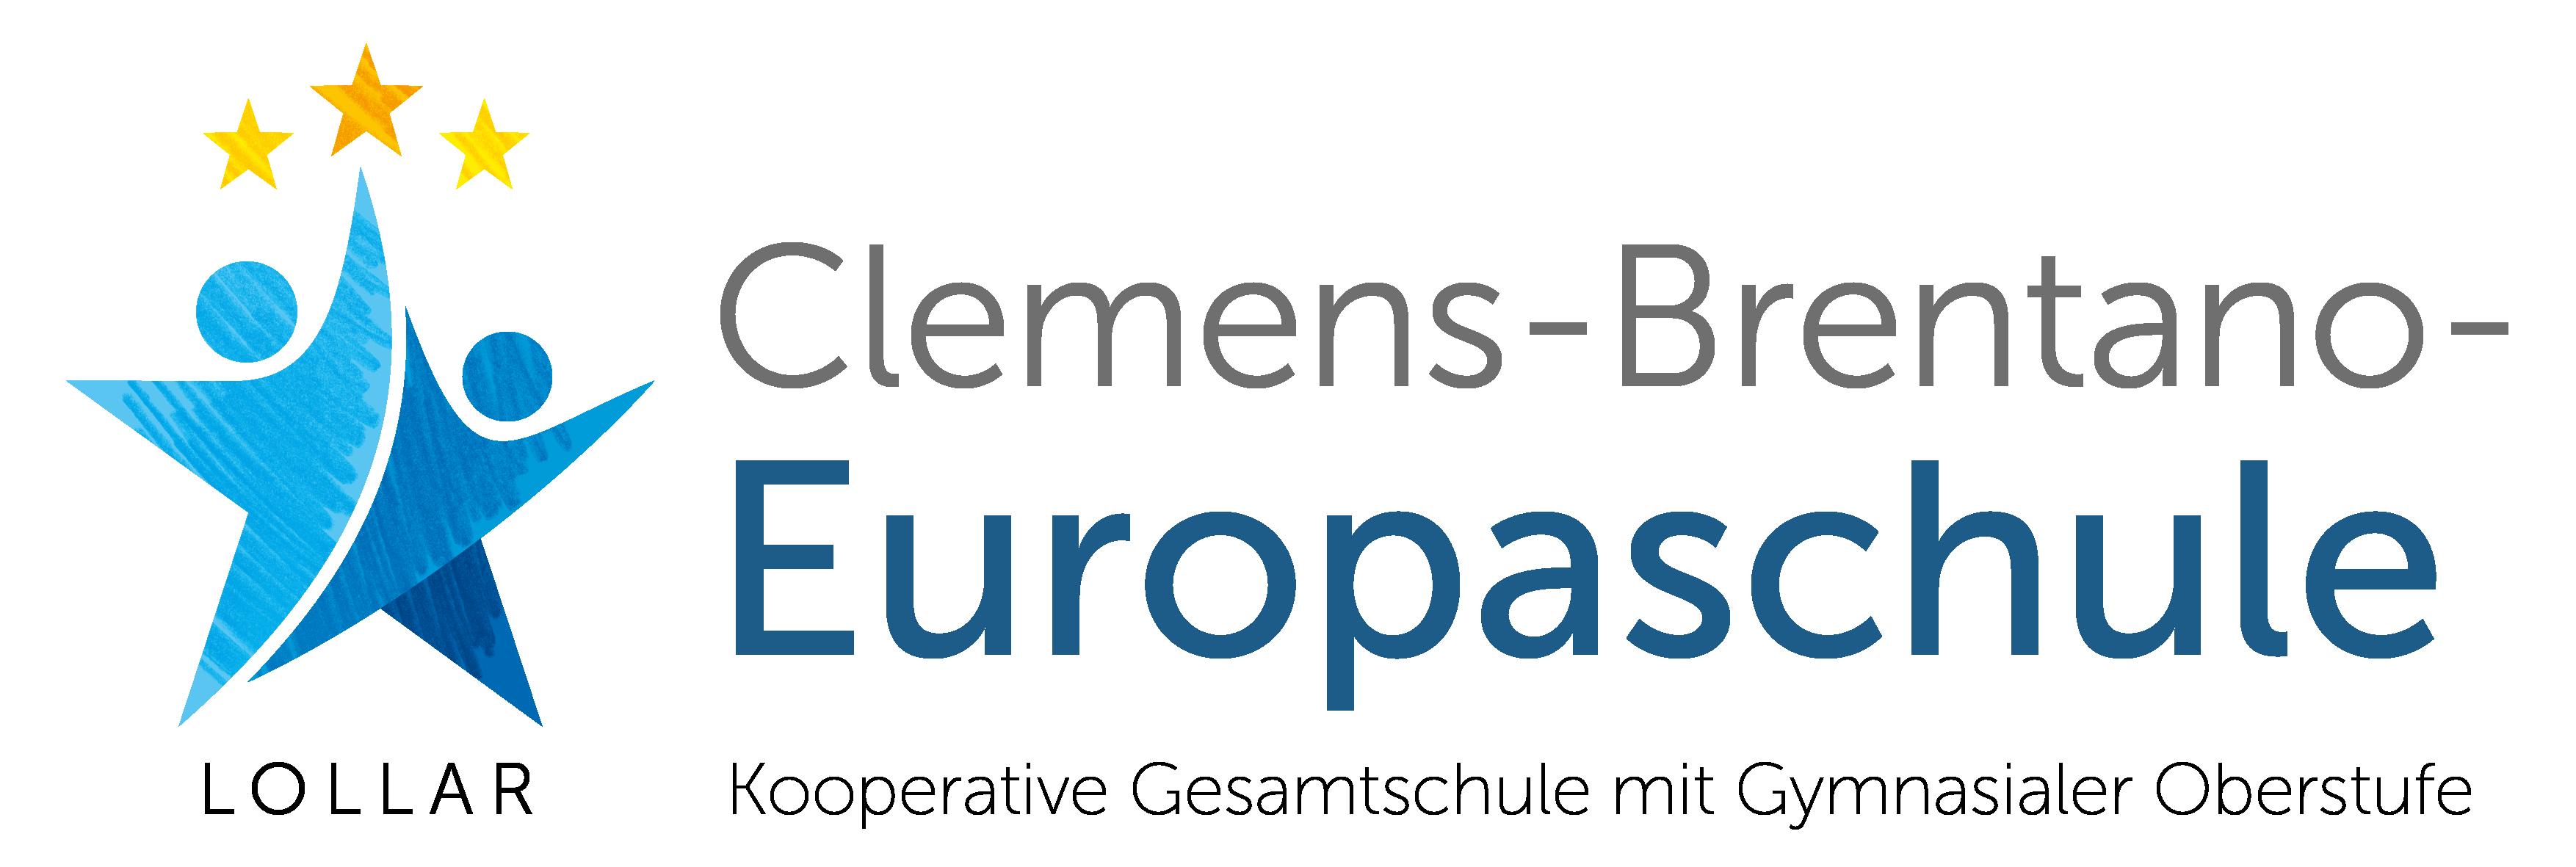 CBES-Logo-Lollar